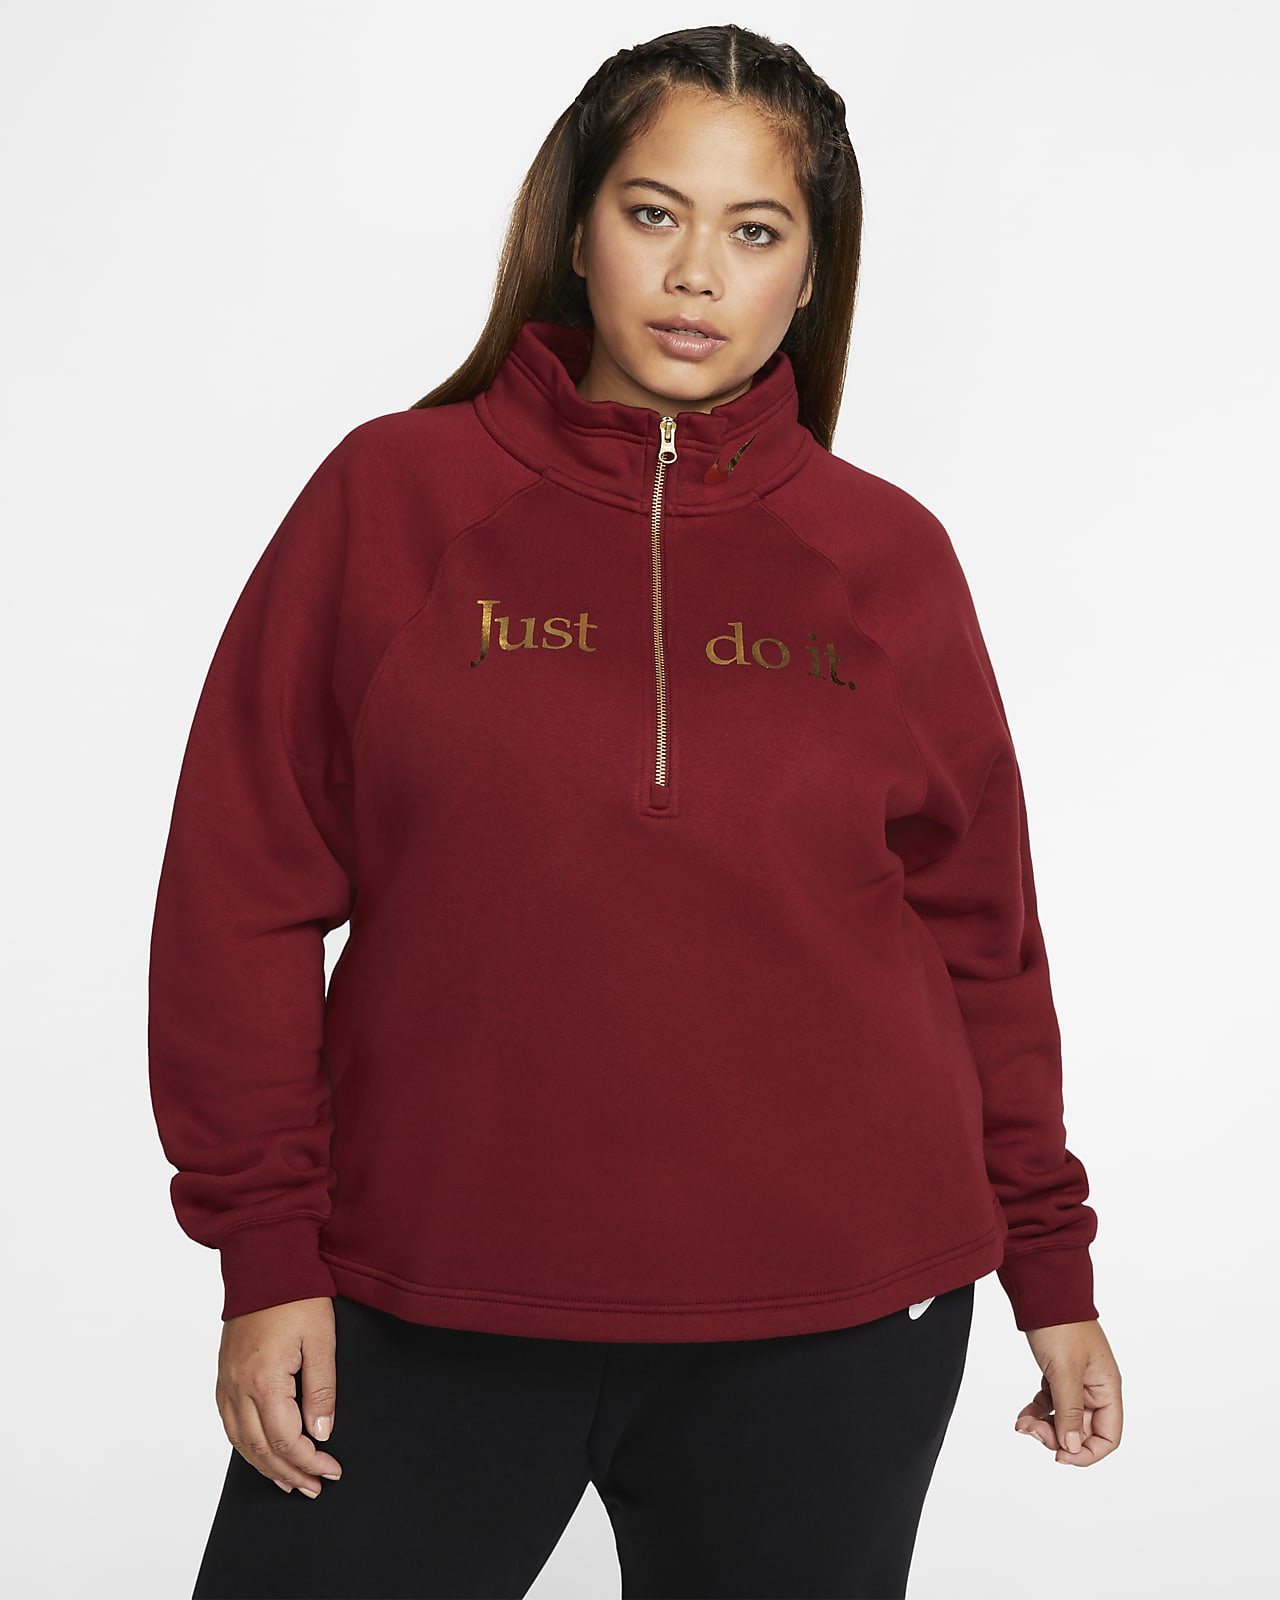 Nike Sportswear Women's 1/2-Zip Fleece Top (Plus Size)